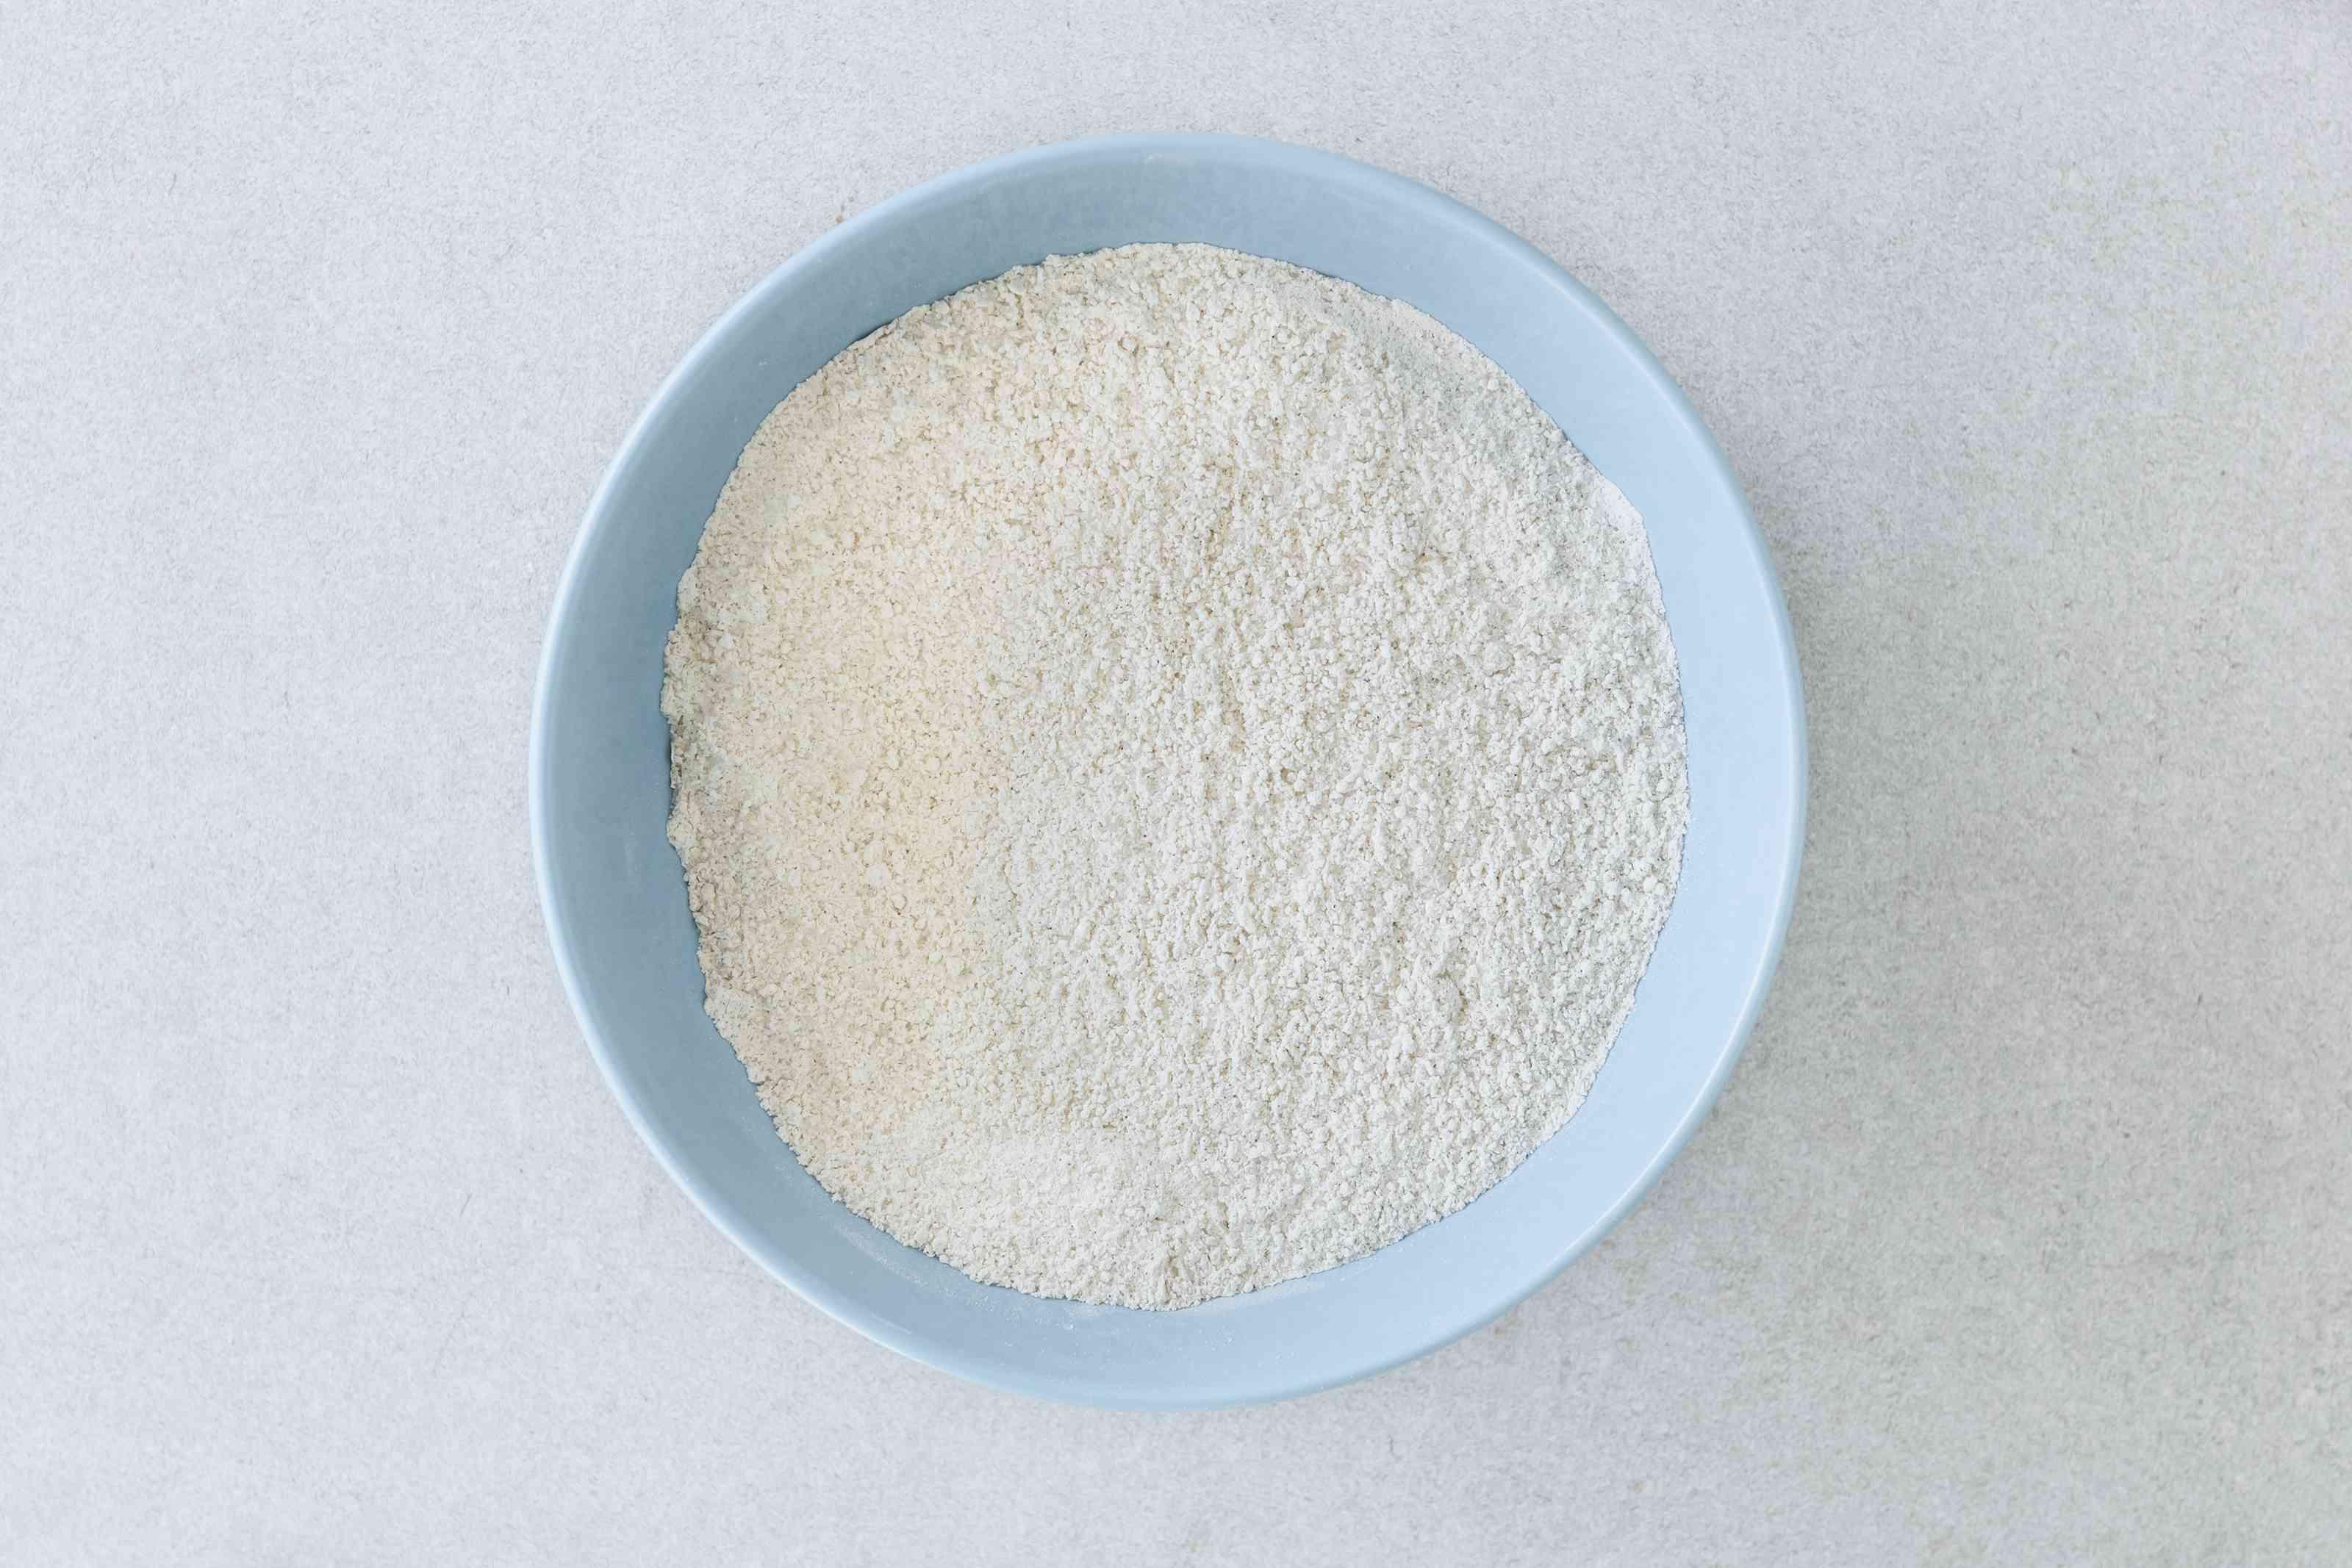 Combine flour, sugar, salt